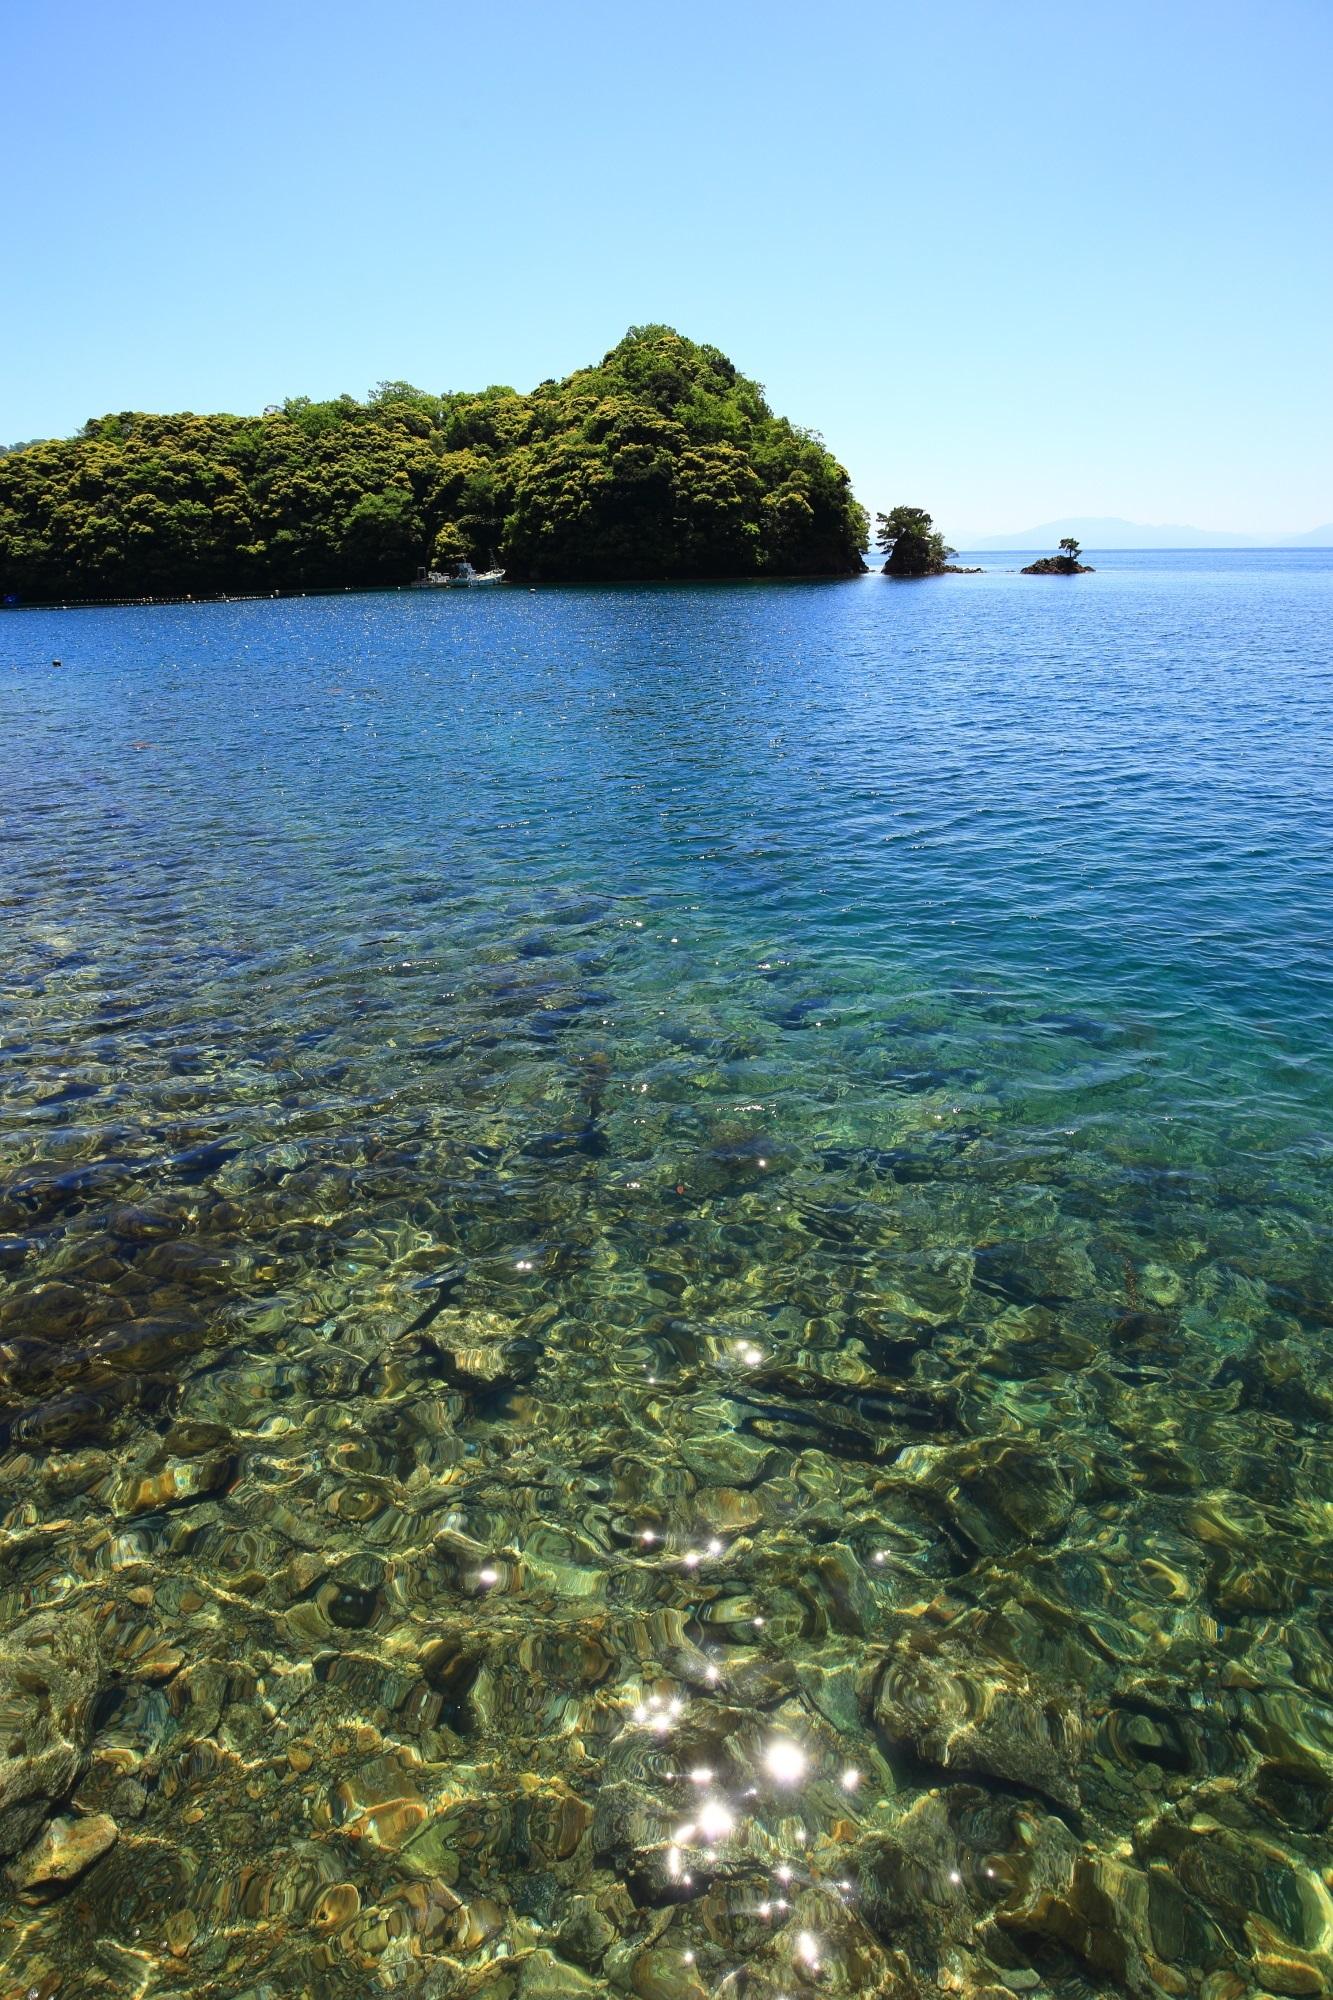 太陽を浴びて輝く伊根湾の揺らめく海面